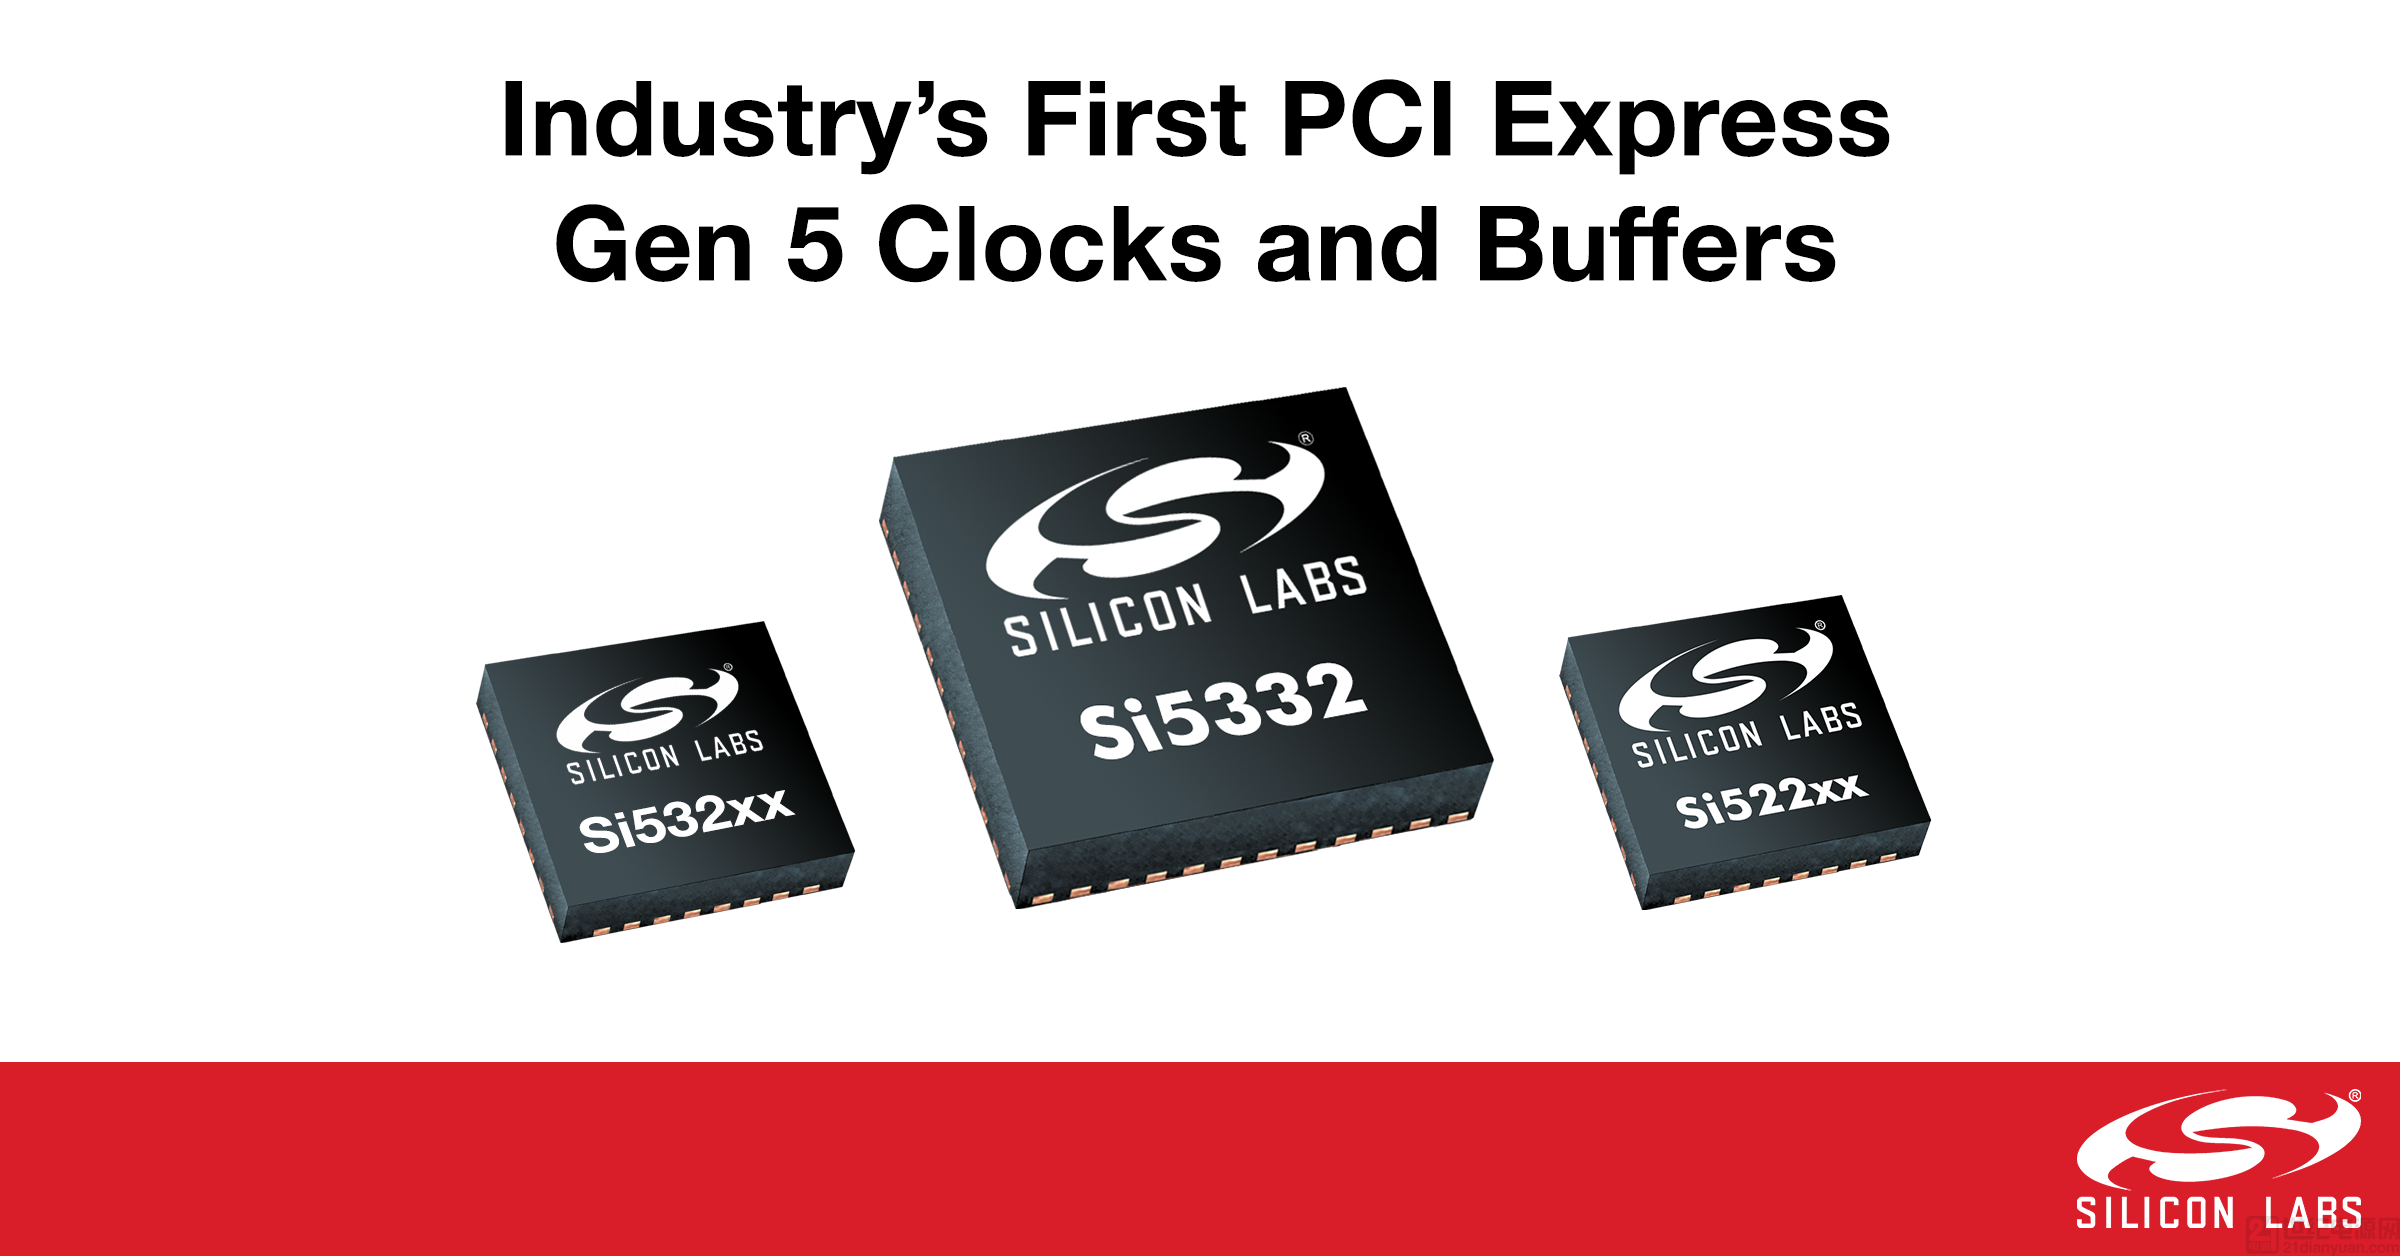 业界首家性能和功耗领先的 PCI Express Gen 5 时钟和缓冲器